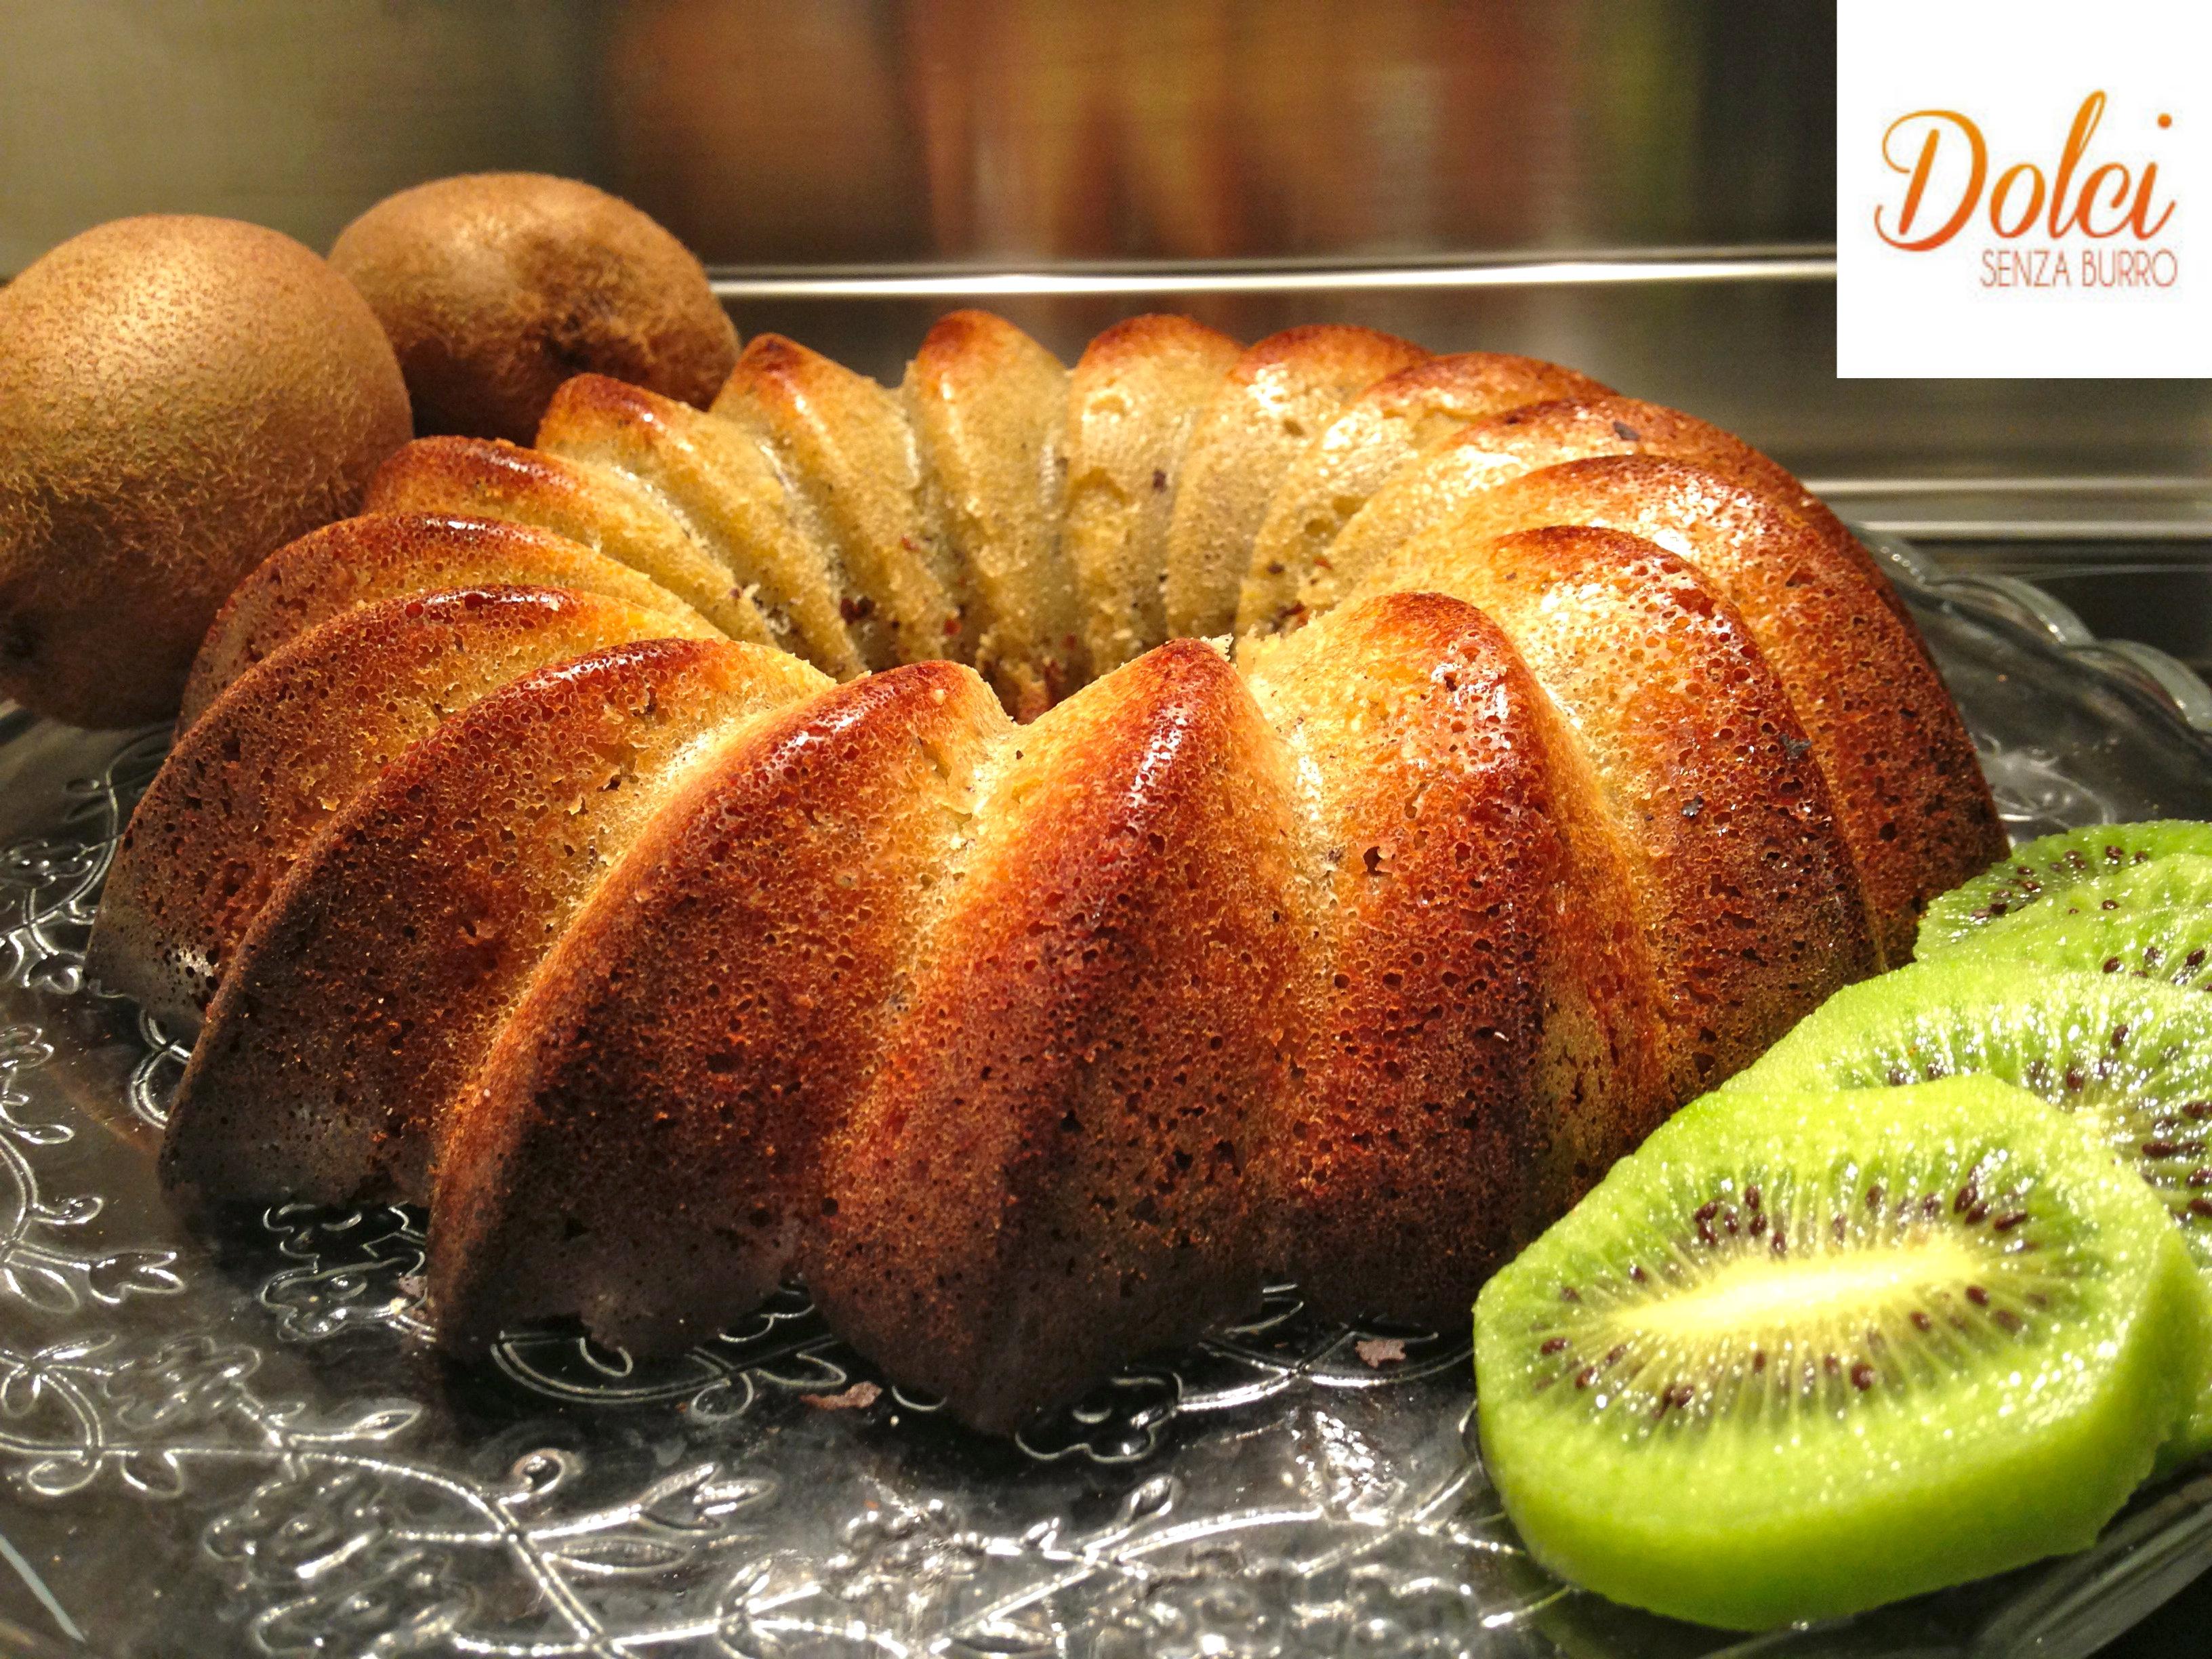 Torta ai Kiwi Senza Burro la ricetta golosa di Dolci Senza Burro